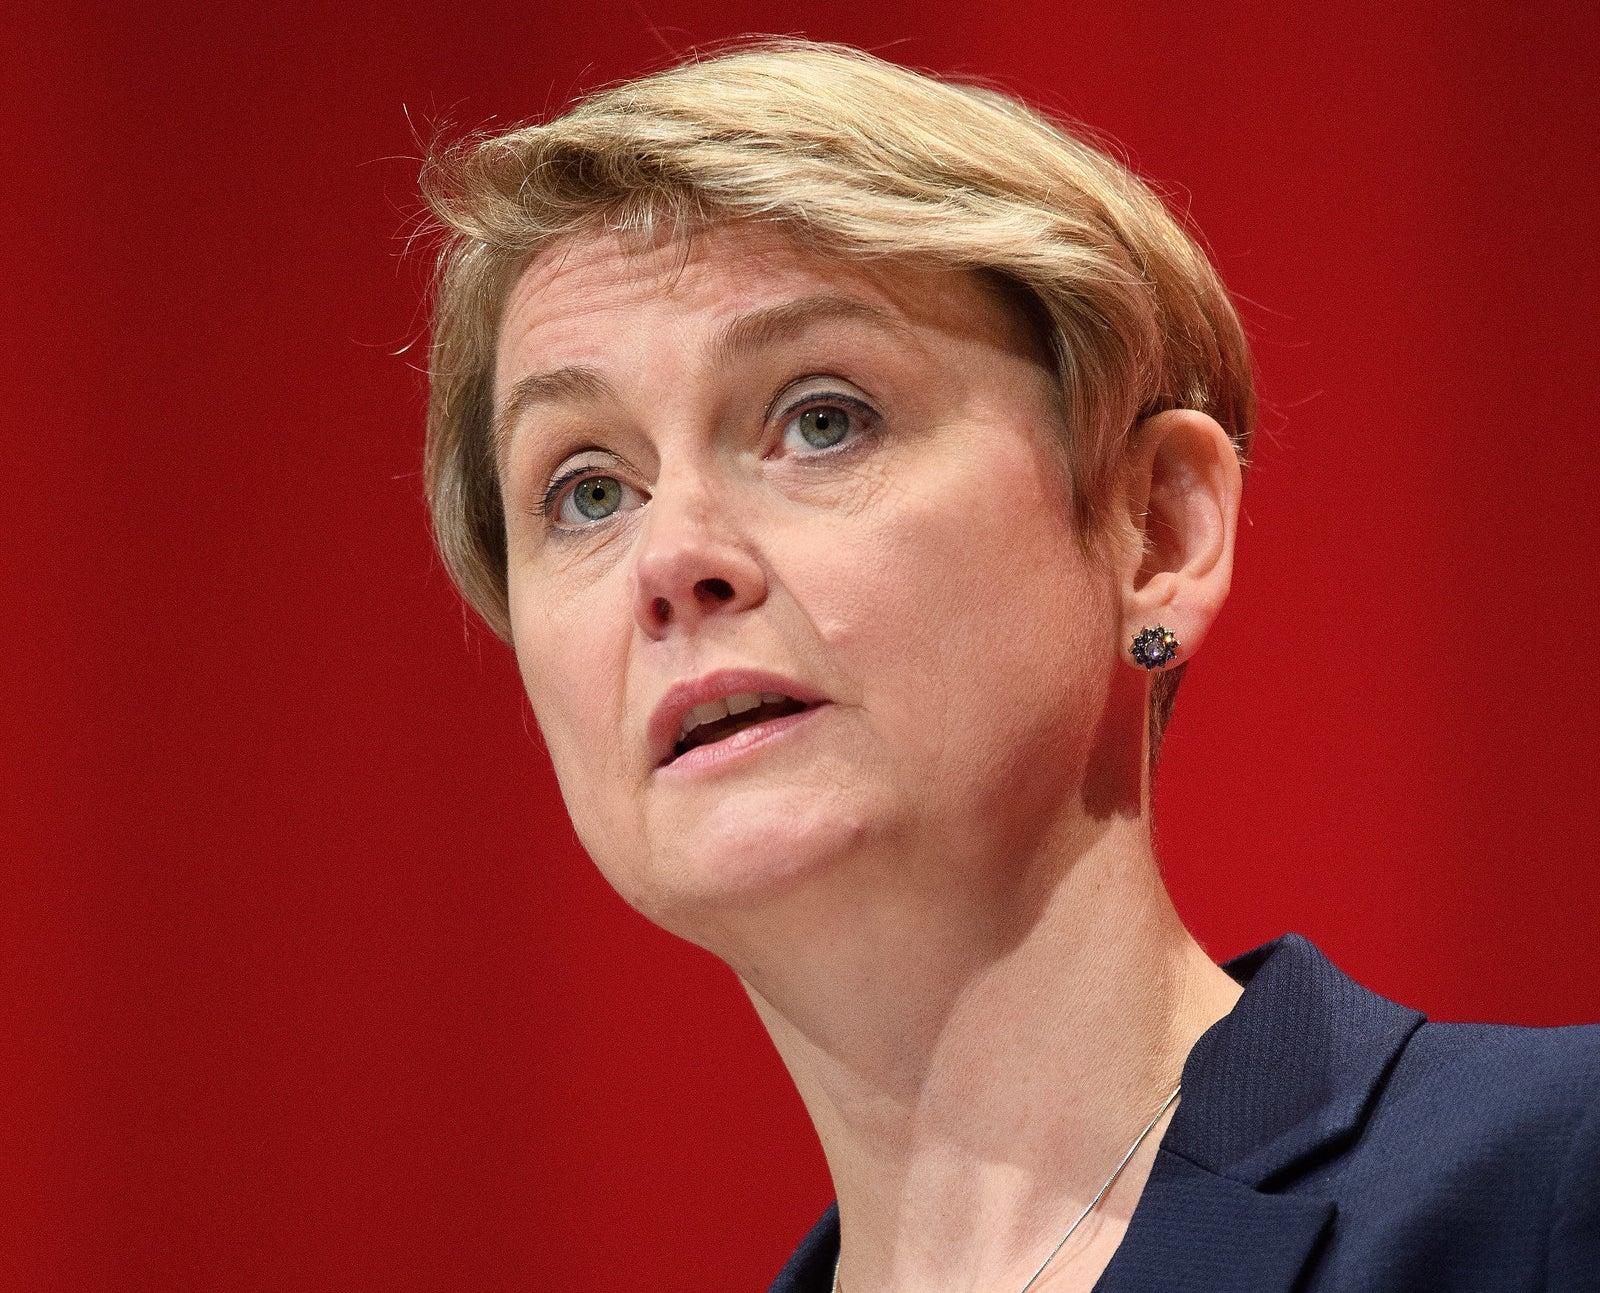 Labour MP Yvette Cooper